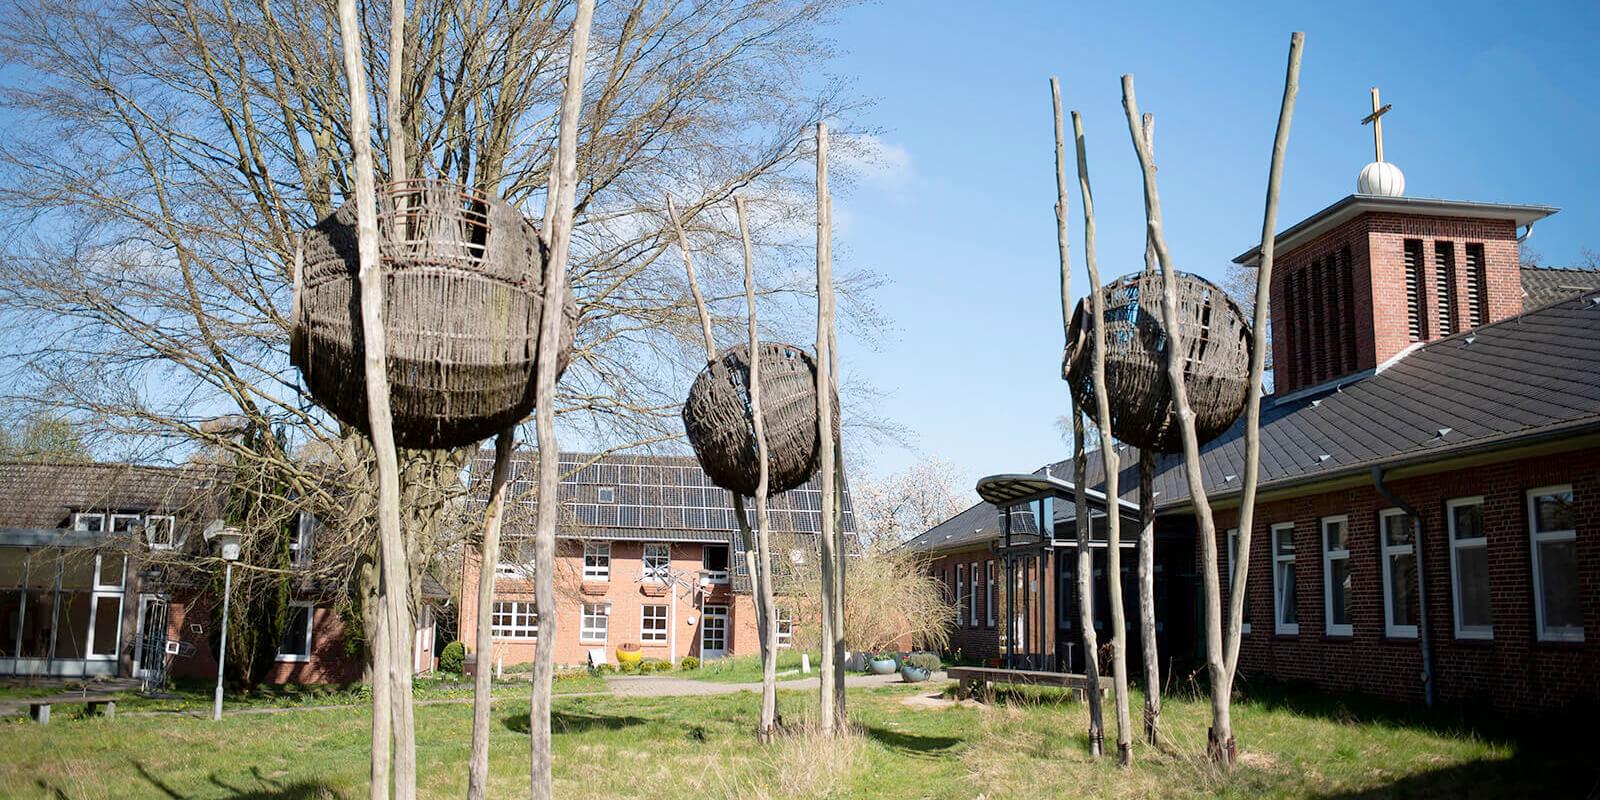 Skulpturengarten KunstHaus am Schüberg